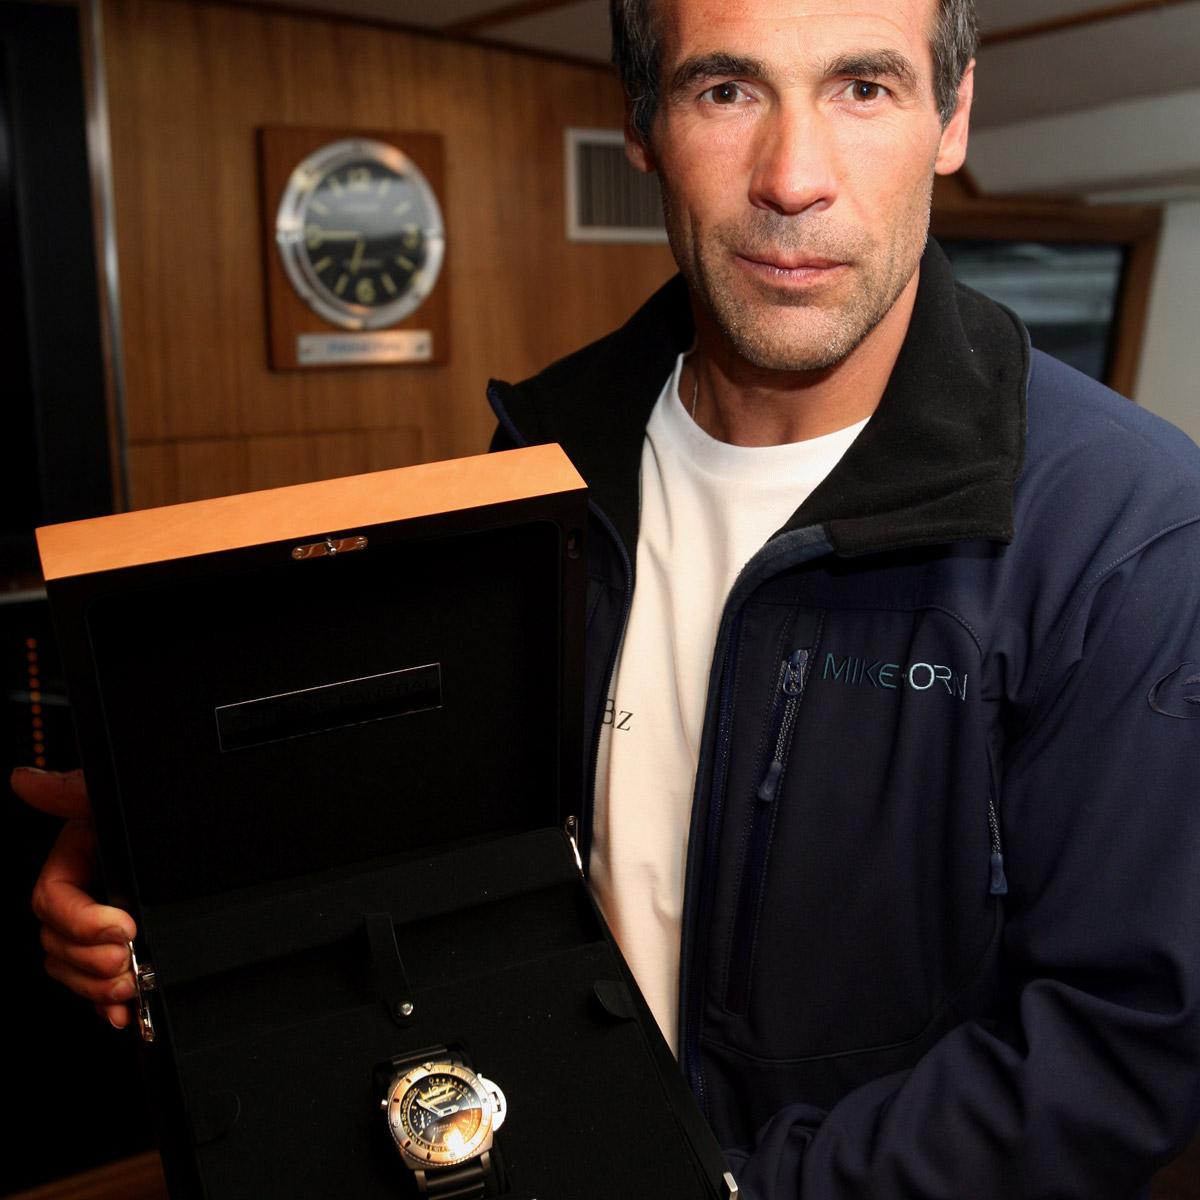 La Cote des Montres : Photo - Mike Horn baptise le Pangaea à Monaco